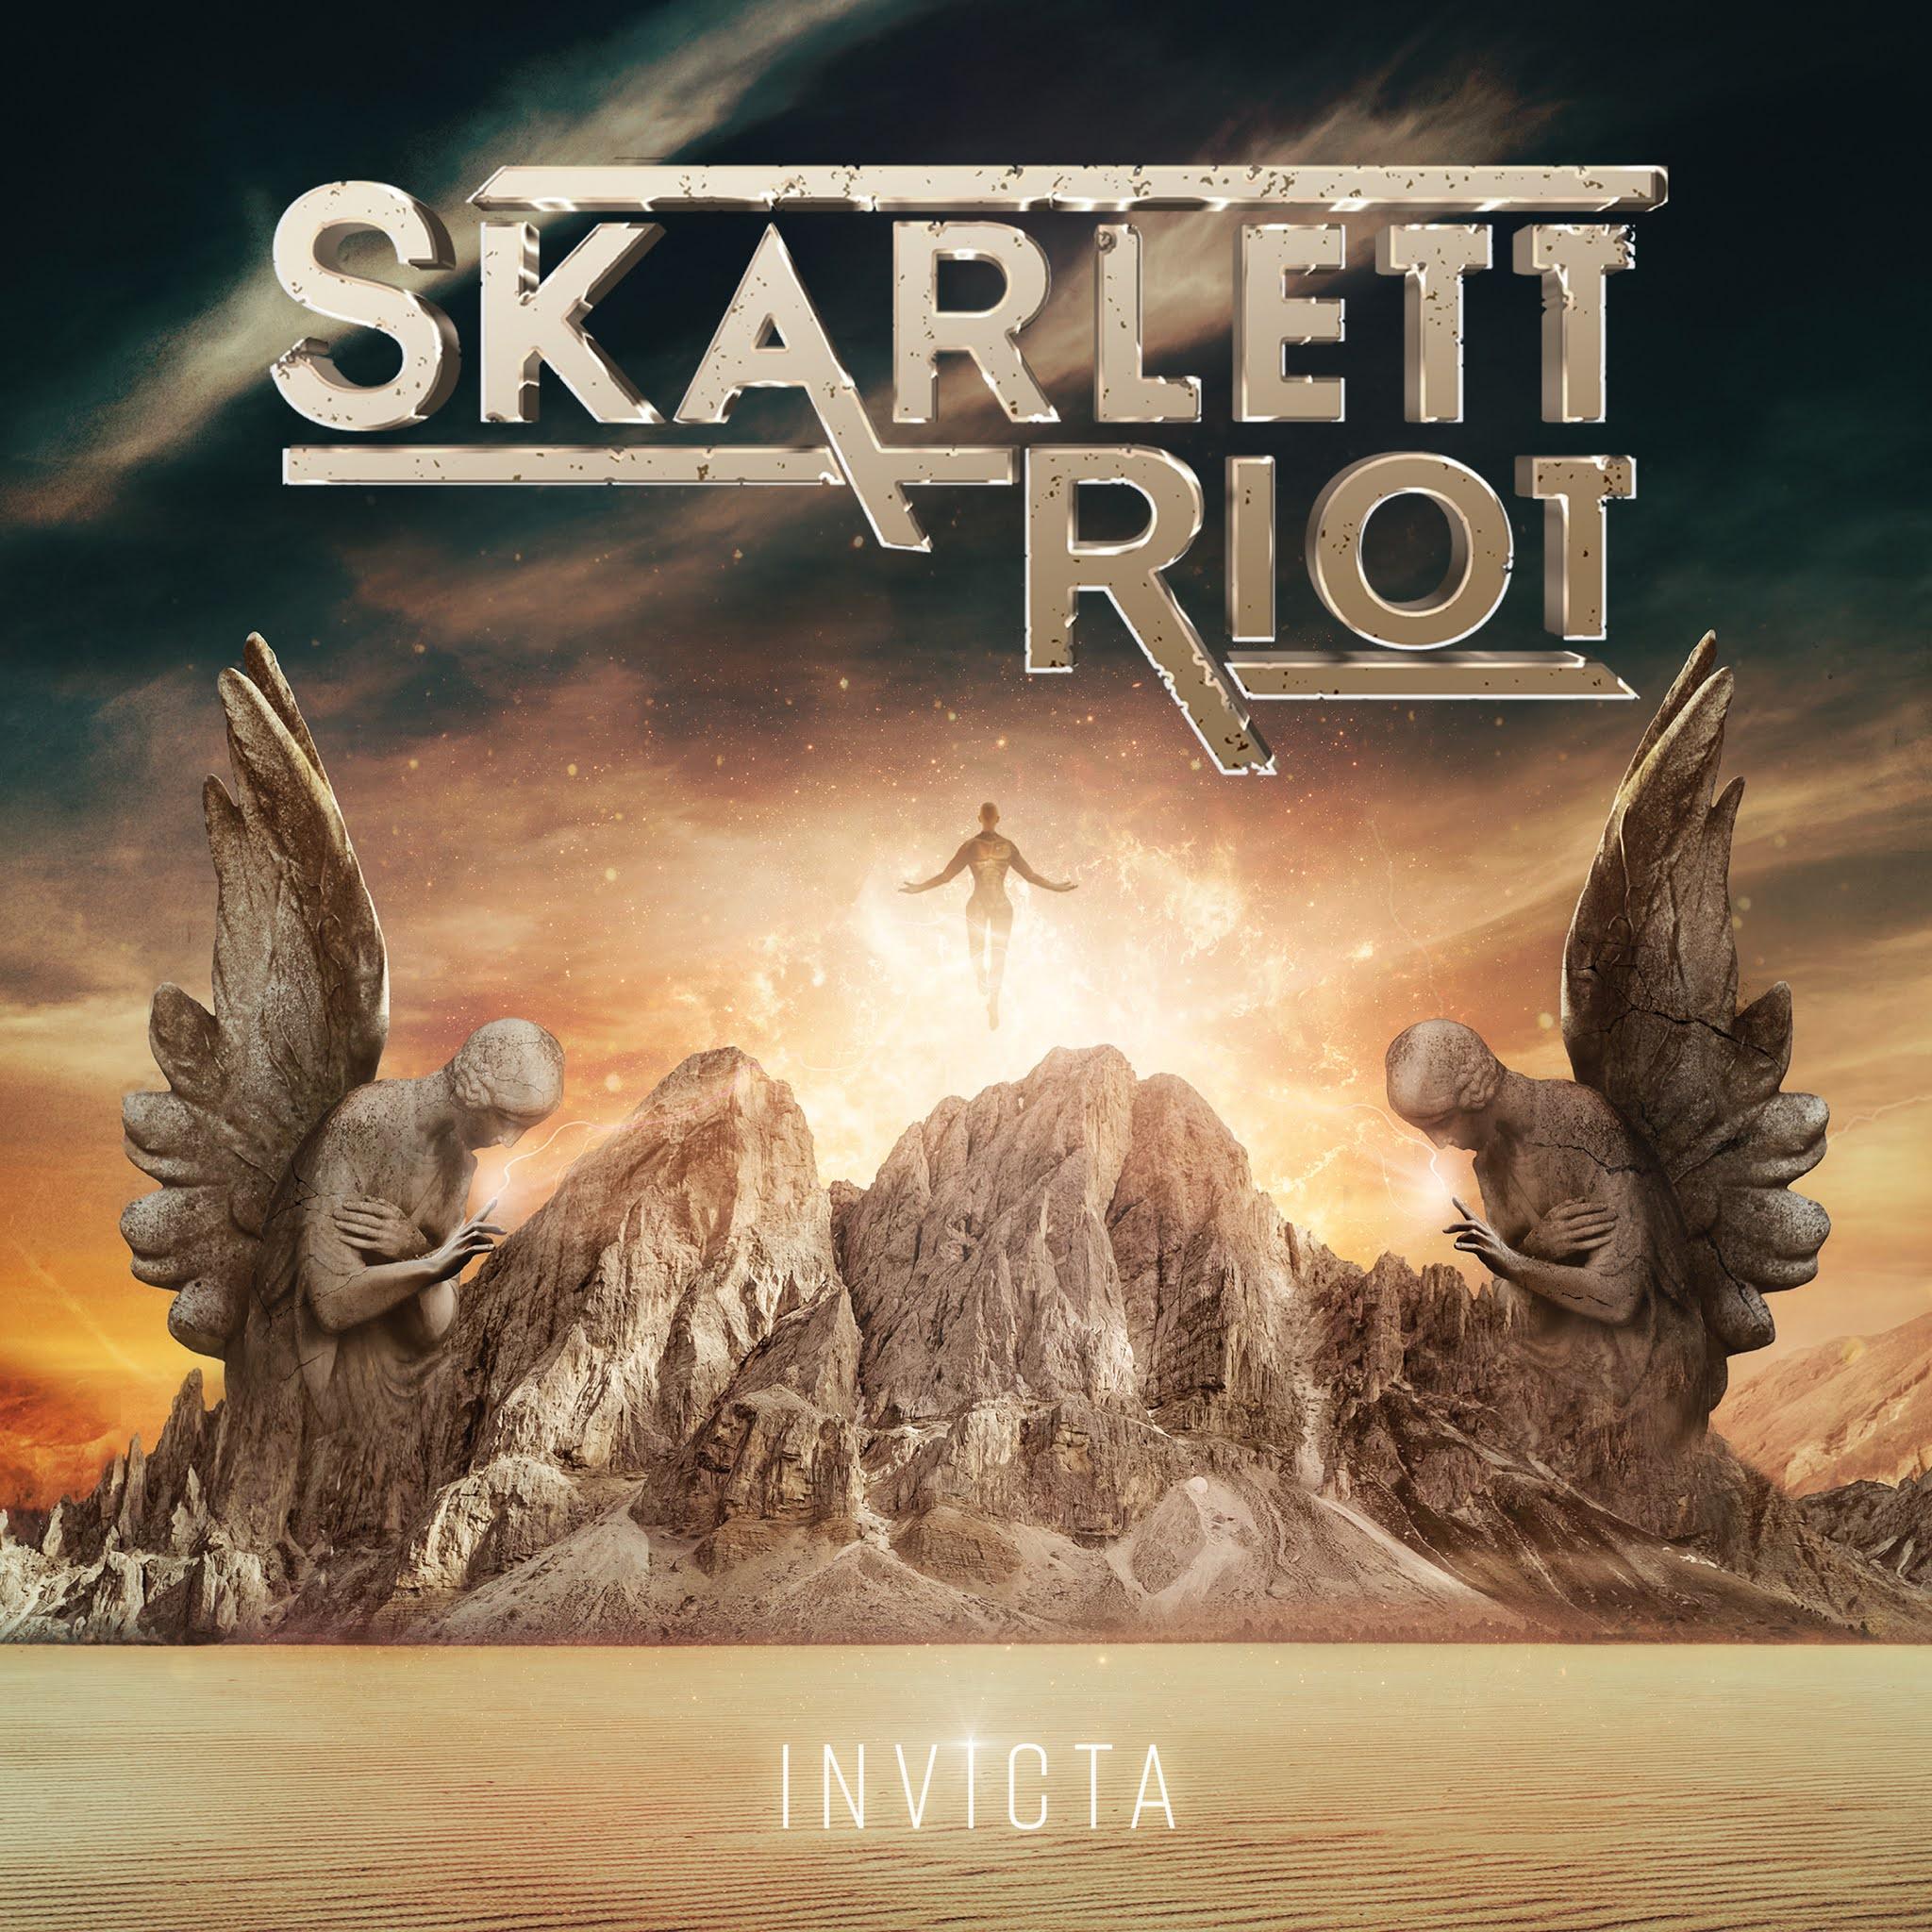 Skarlett Riot cover album